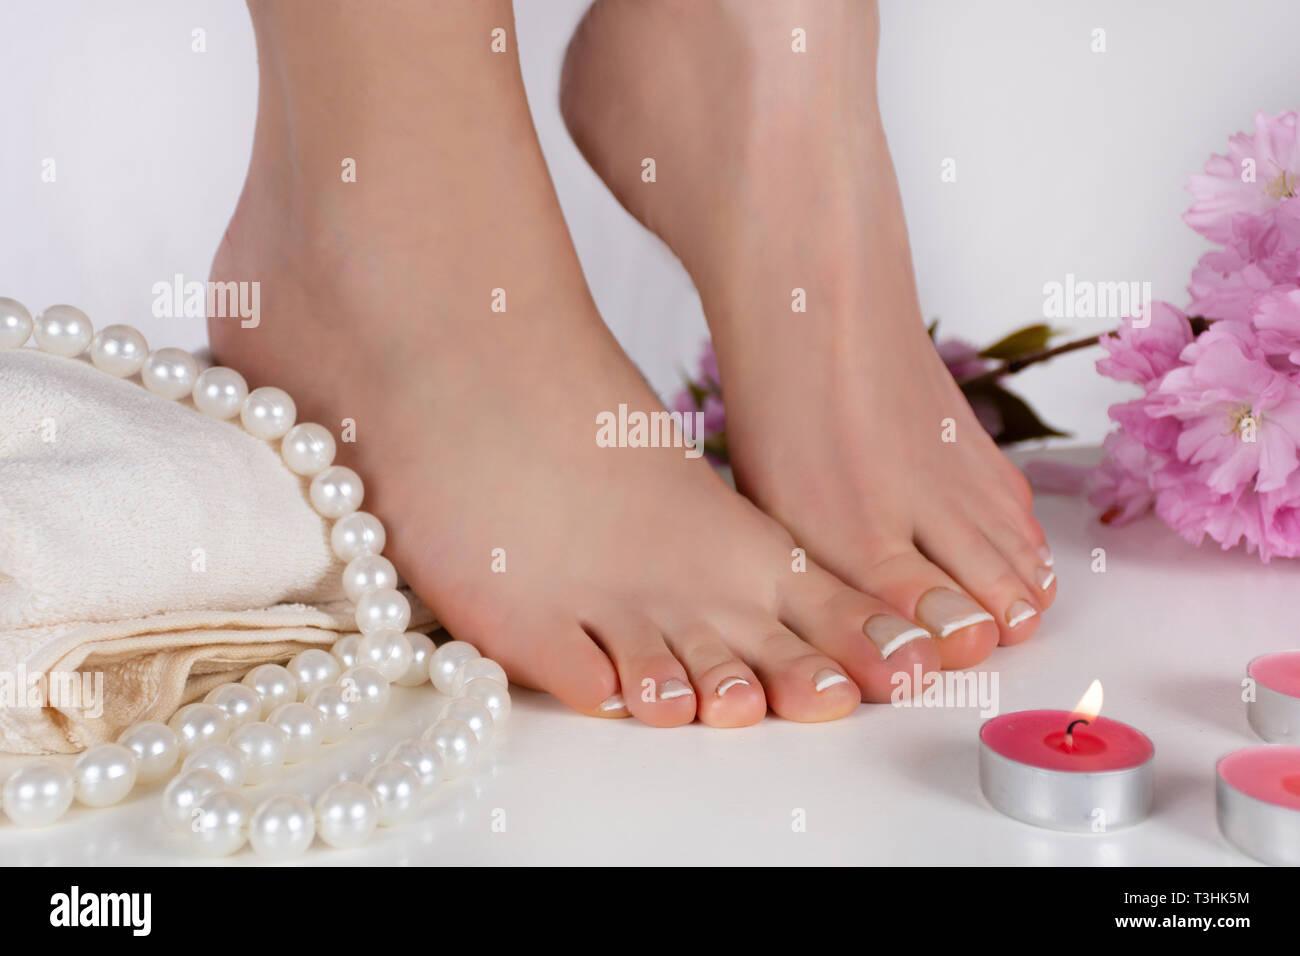 Chica Desnuda Los Pies Con La Pedicura Francesa Sobre La Toalla